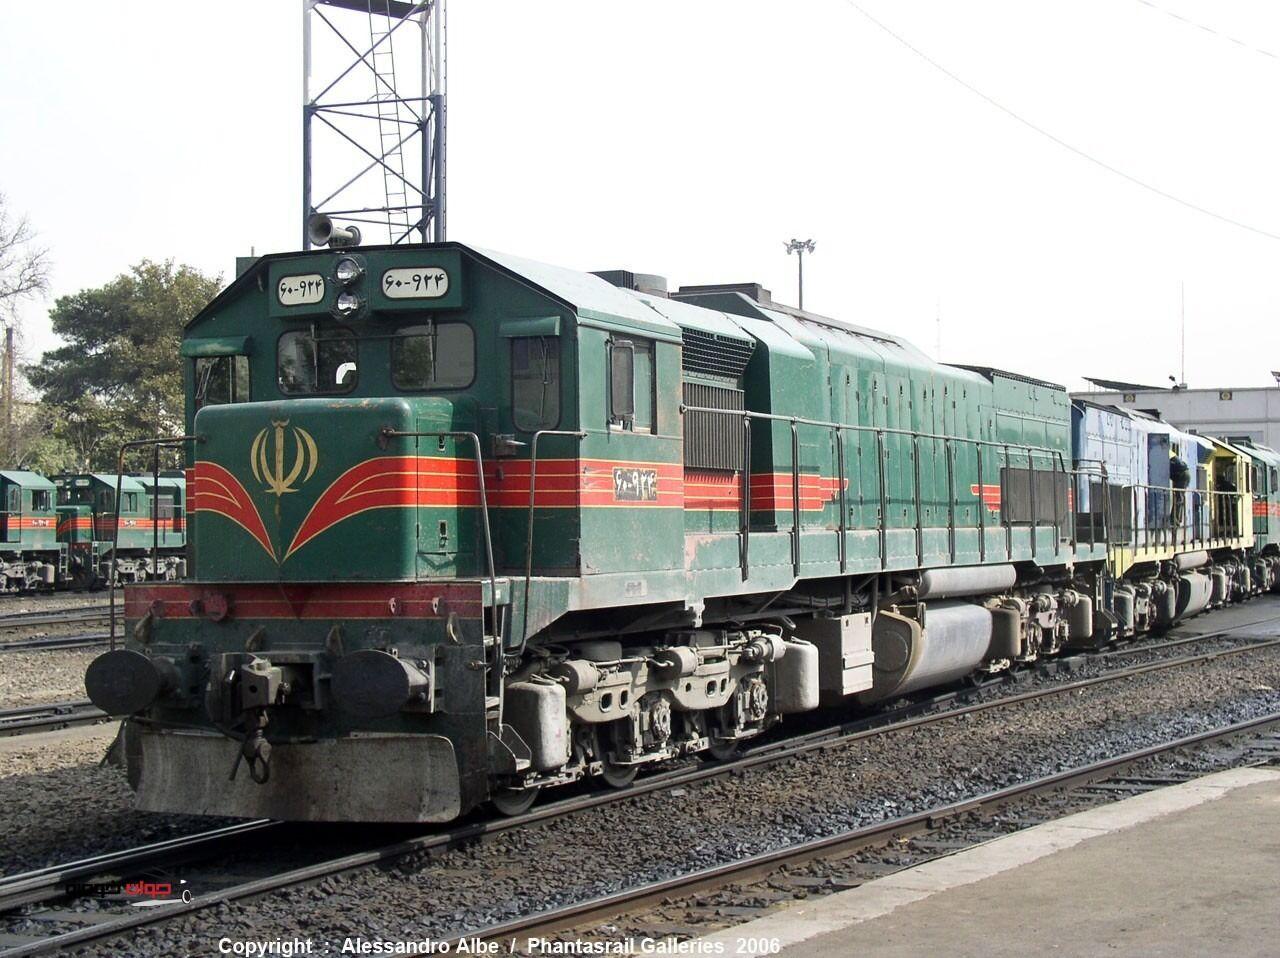 بارگیری روزانه ۵۰۰ تُن محصول پتروشیمی از ایستگاه راهآهن مهاباد